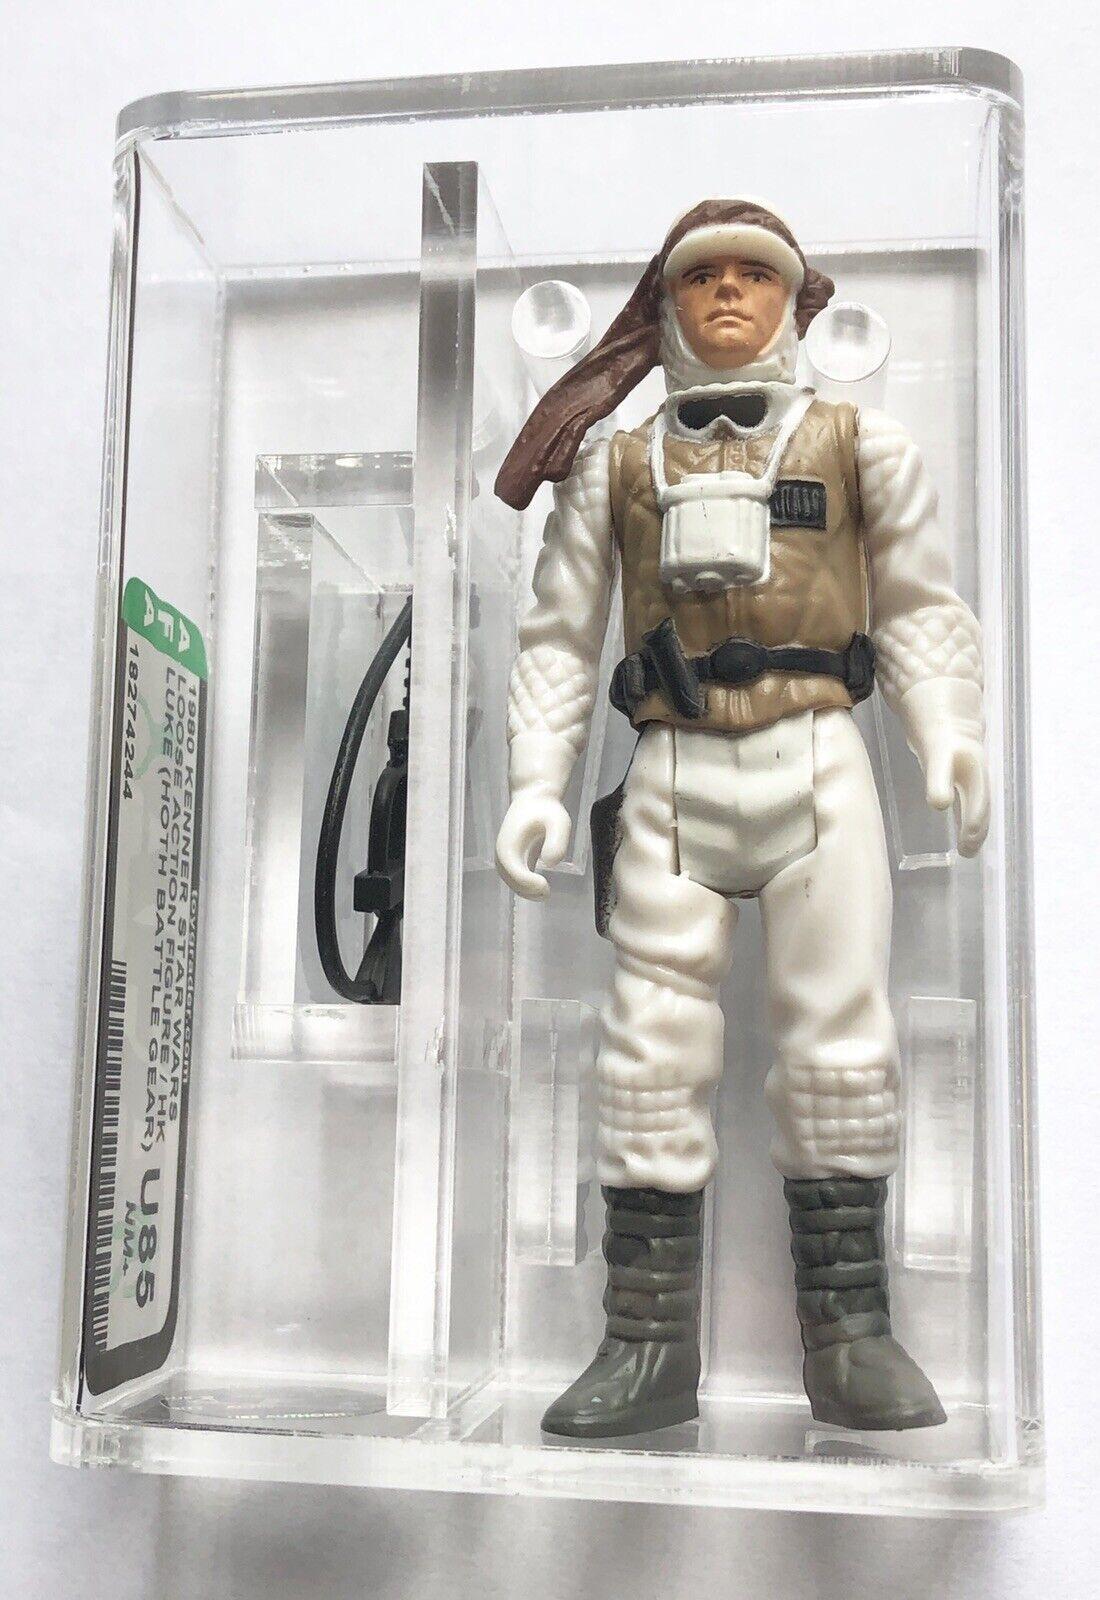 tienda hace compras y ventas Suelto Vintage Estrella Wars Esb Luke Hoth Hoth Hoth Battle Gear AFA U85 HK  ¡no ser extrañado!